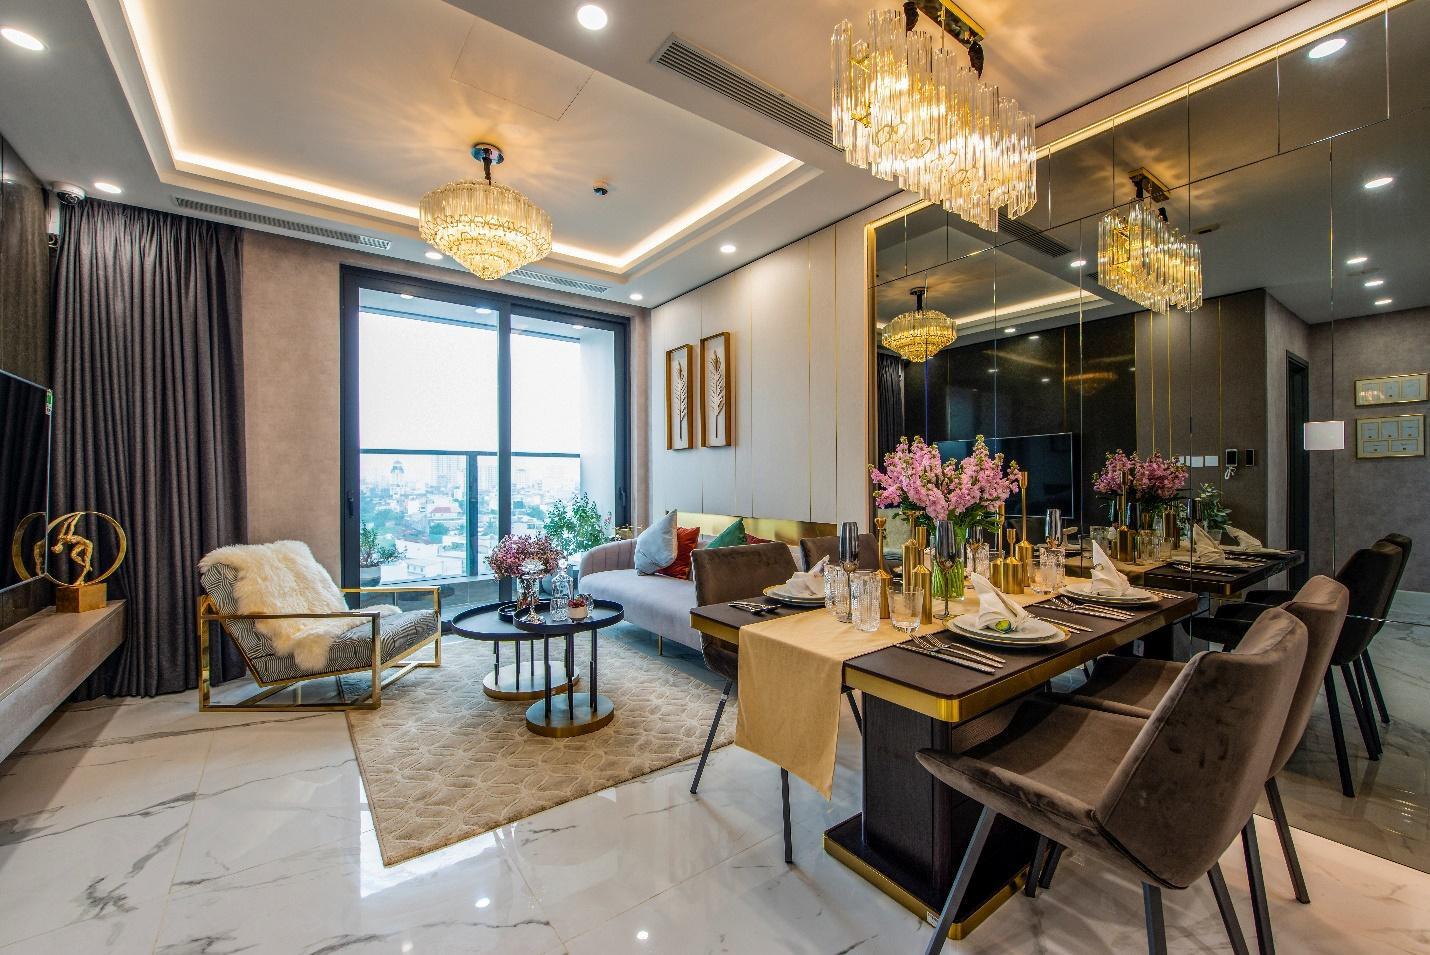 Sunshine City Sài Gòn hút khách với chính sách bán hàng hấp dẫn - Ảnh 1.